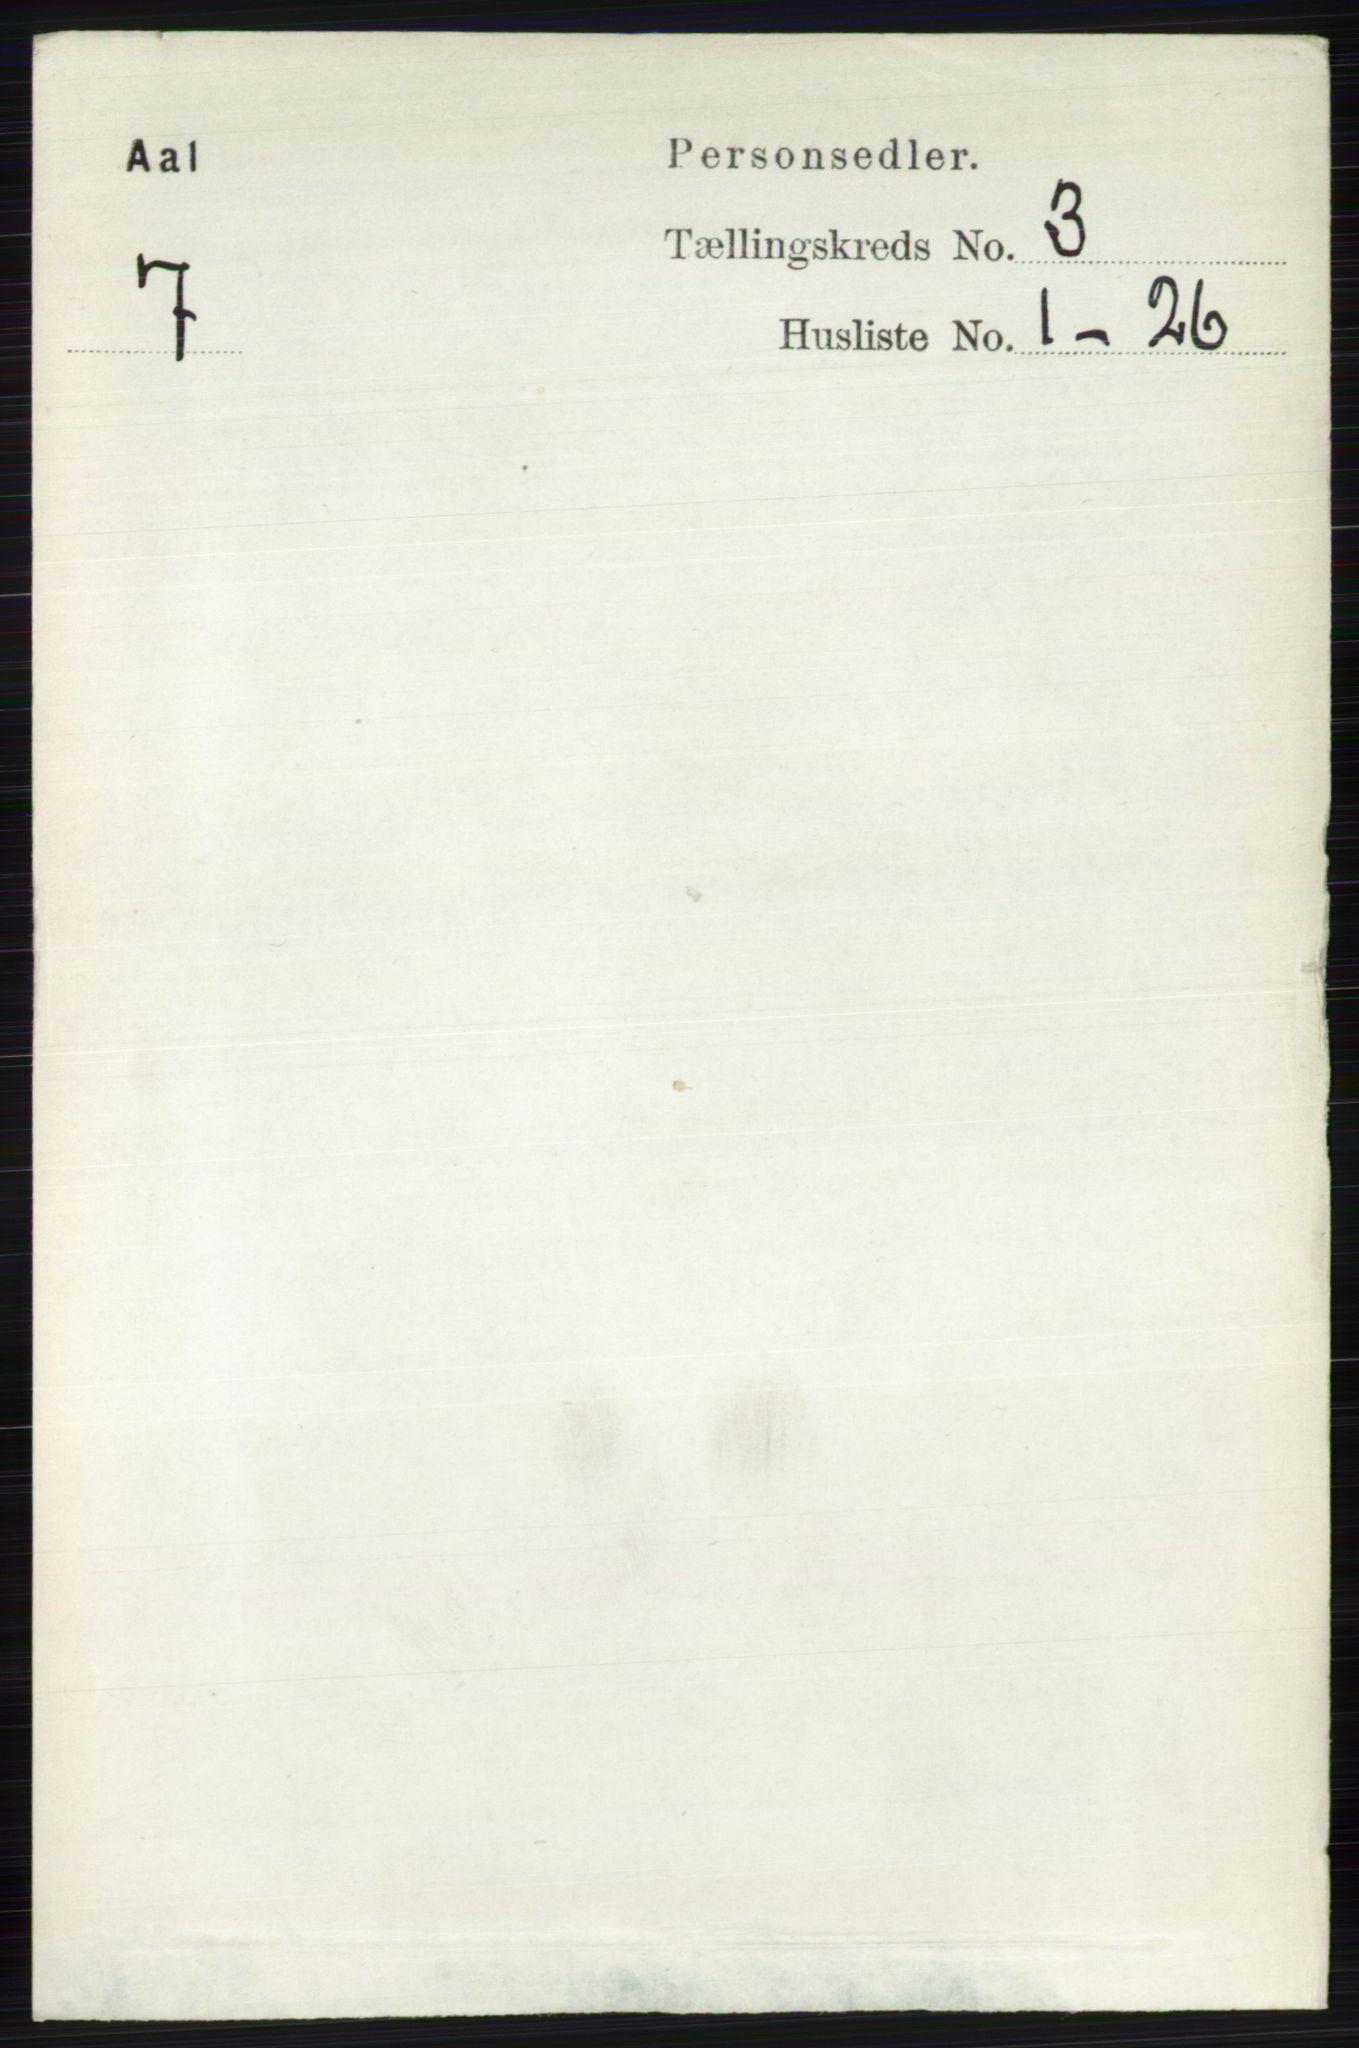 RA, Folketelling 1891 for 0619 Ål herred, 1891, s. 654